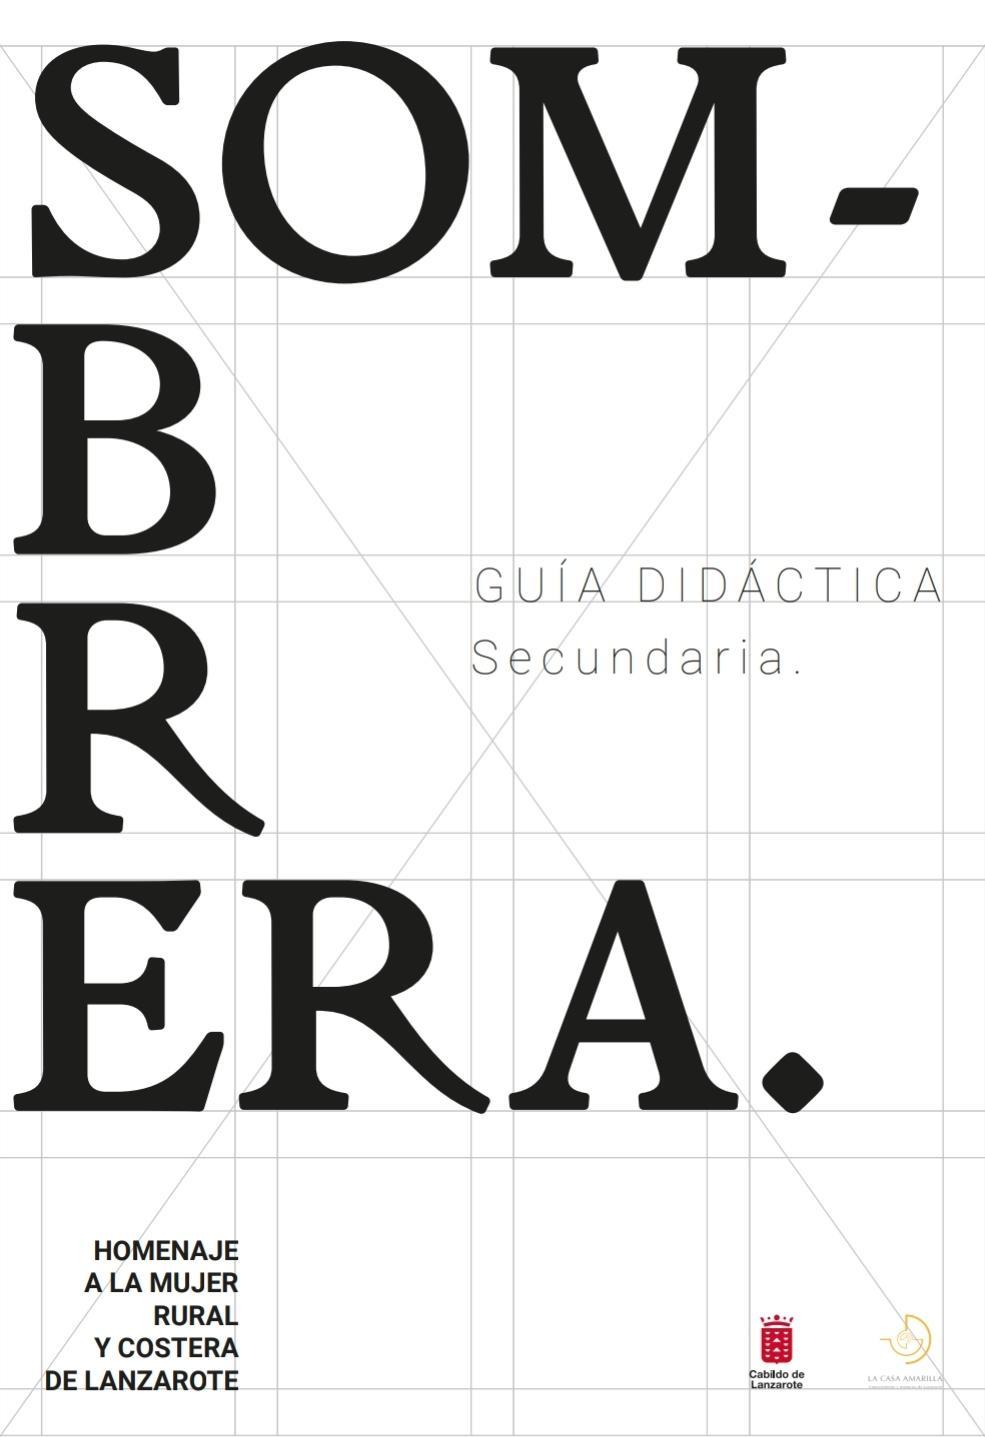 """Guía didáctica de la exposición """"Sombrera. Homenaje a la mujer rural y costera de Lanzarote"""". Nivel secundaria"""